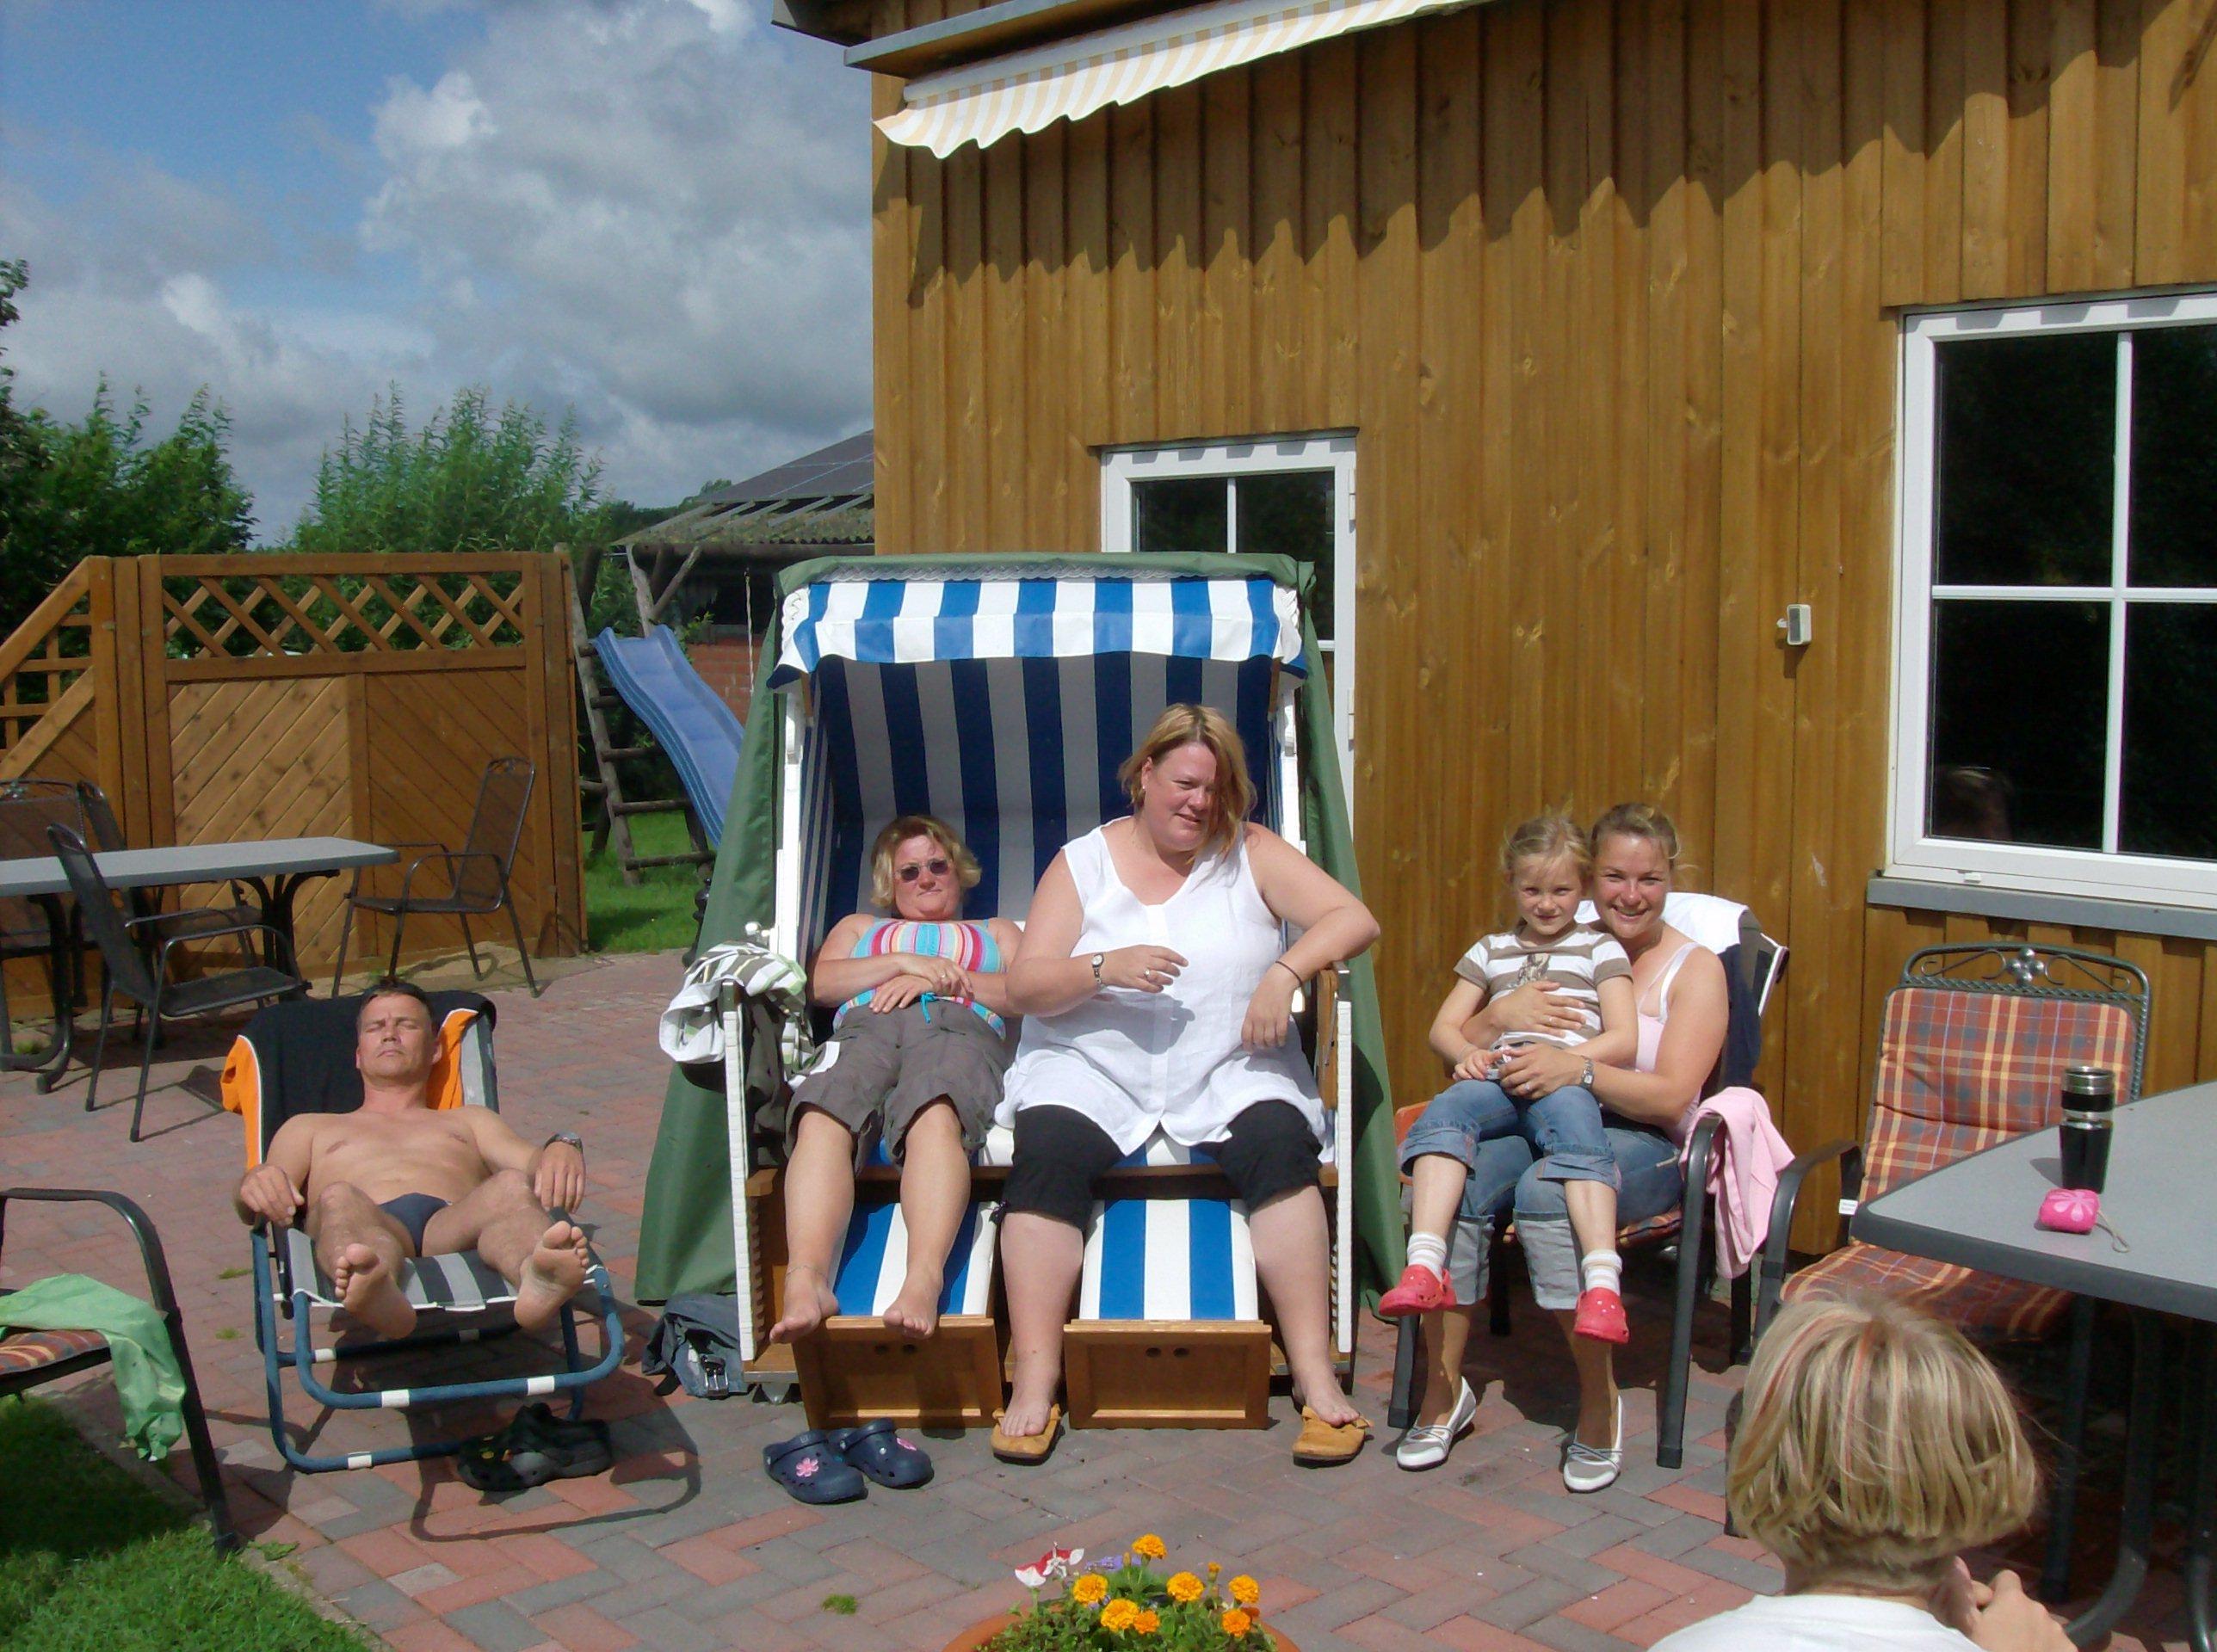 pornokino baden baden nackt auf bauernhof